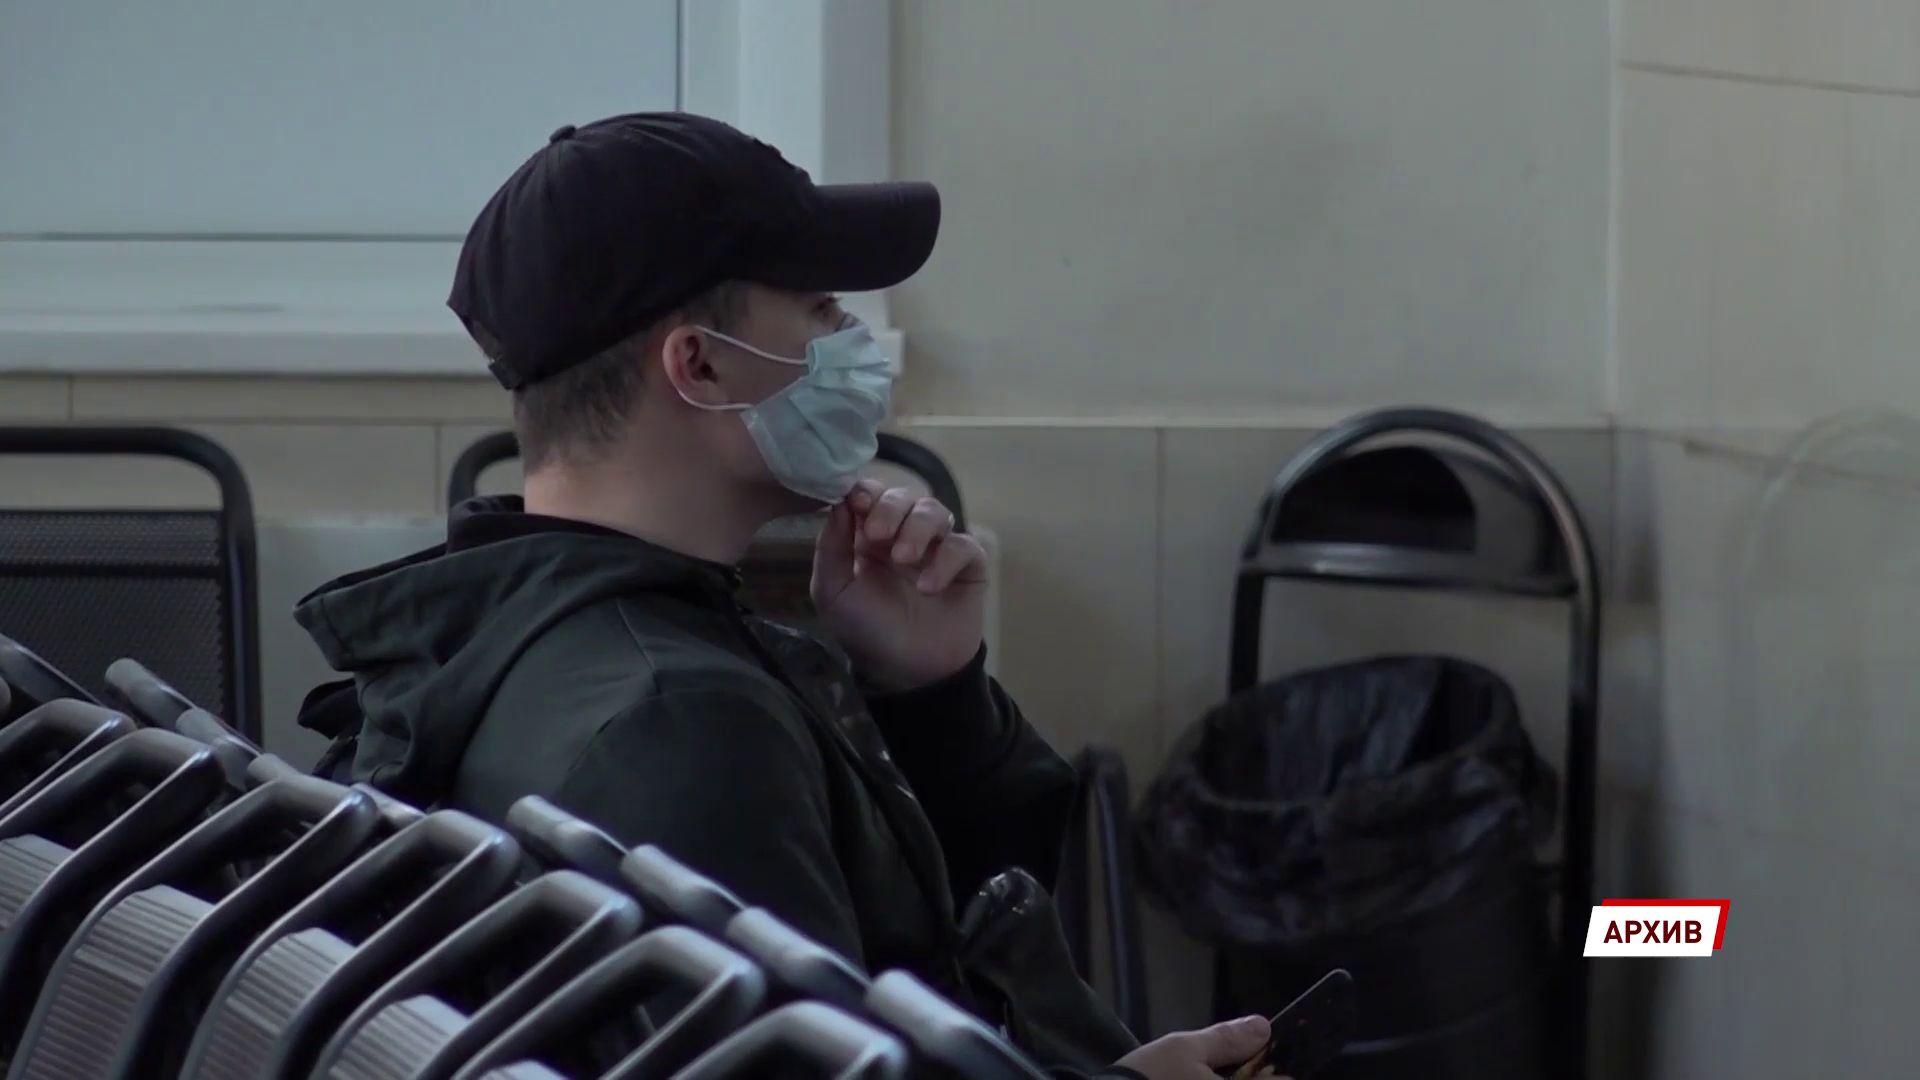 Ежемесячно предприятия Ярославской области выпускают до 15 миллионов медицинских масок